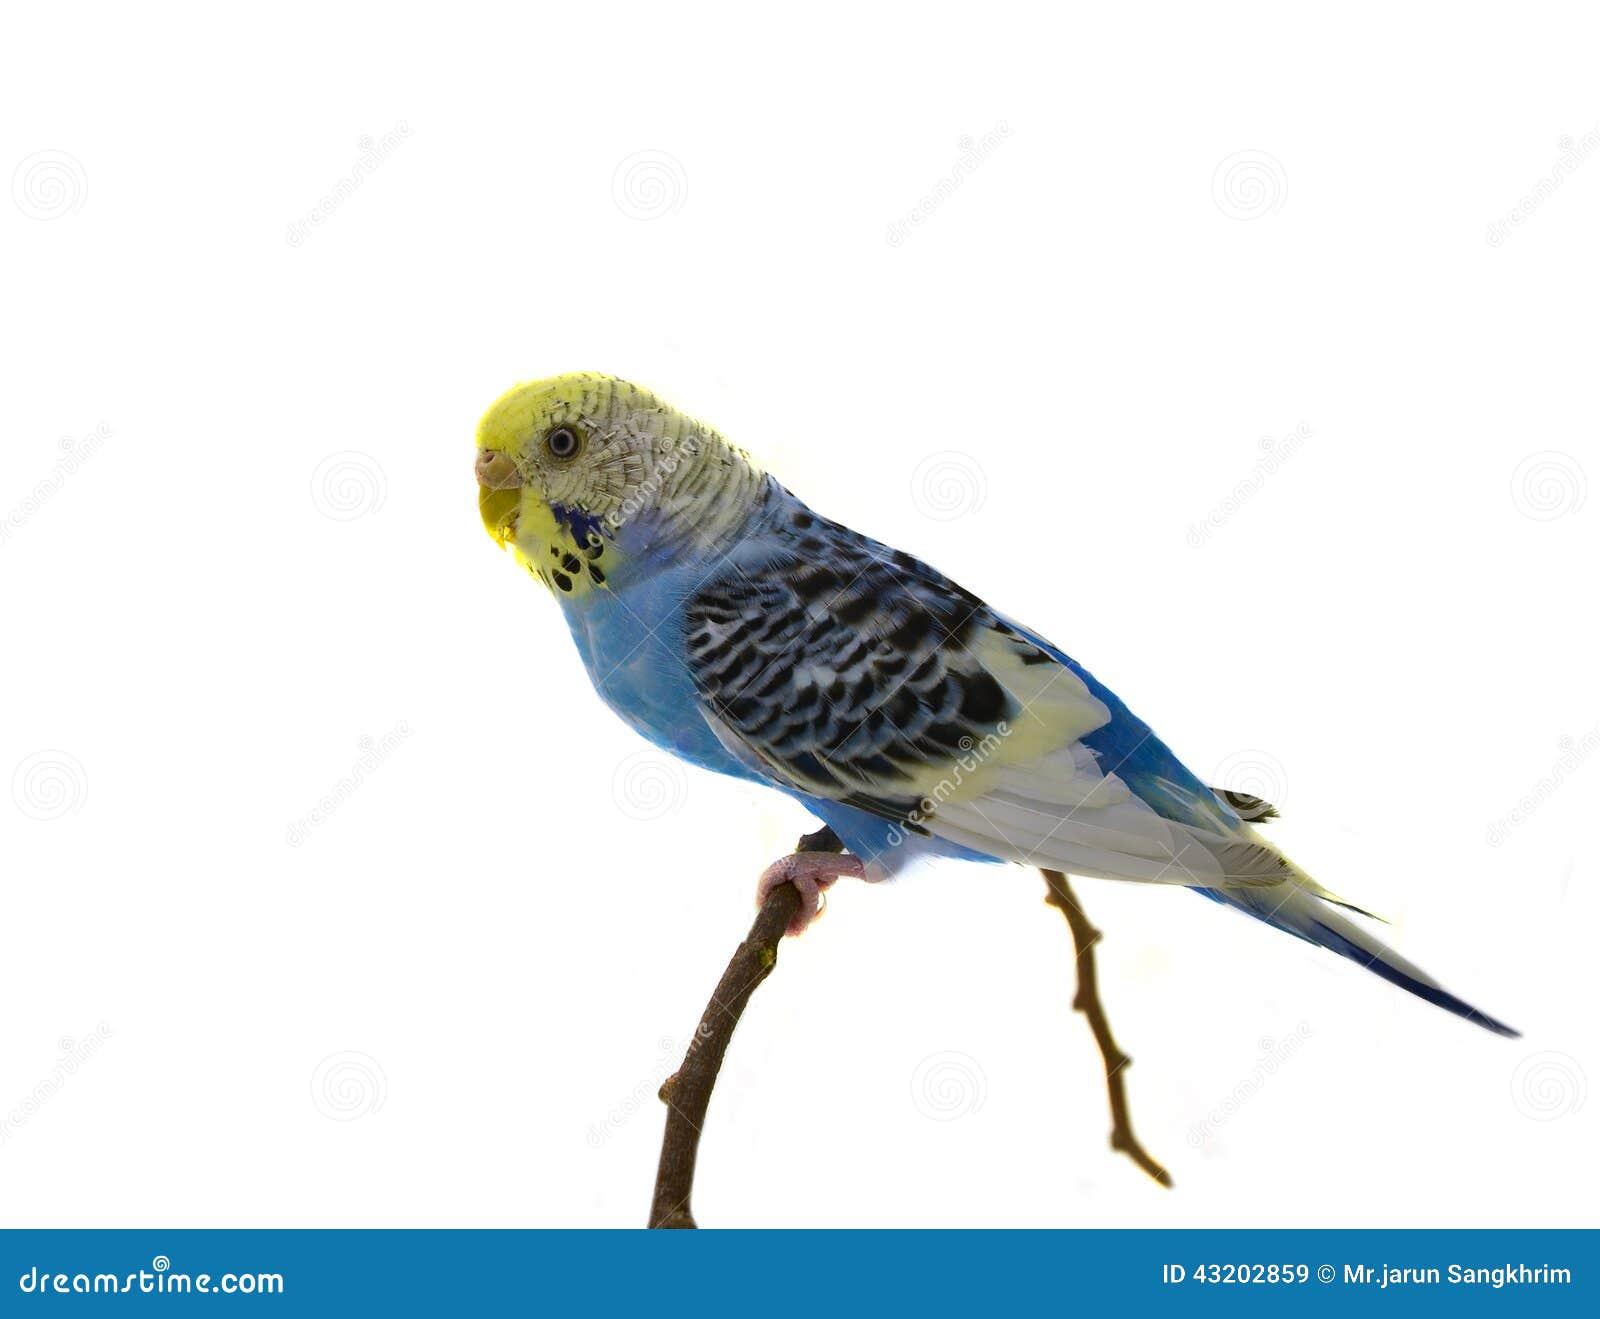 Download Blå undulatfågel fotografering för bildbyråer. Bild av älskling - 43202859